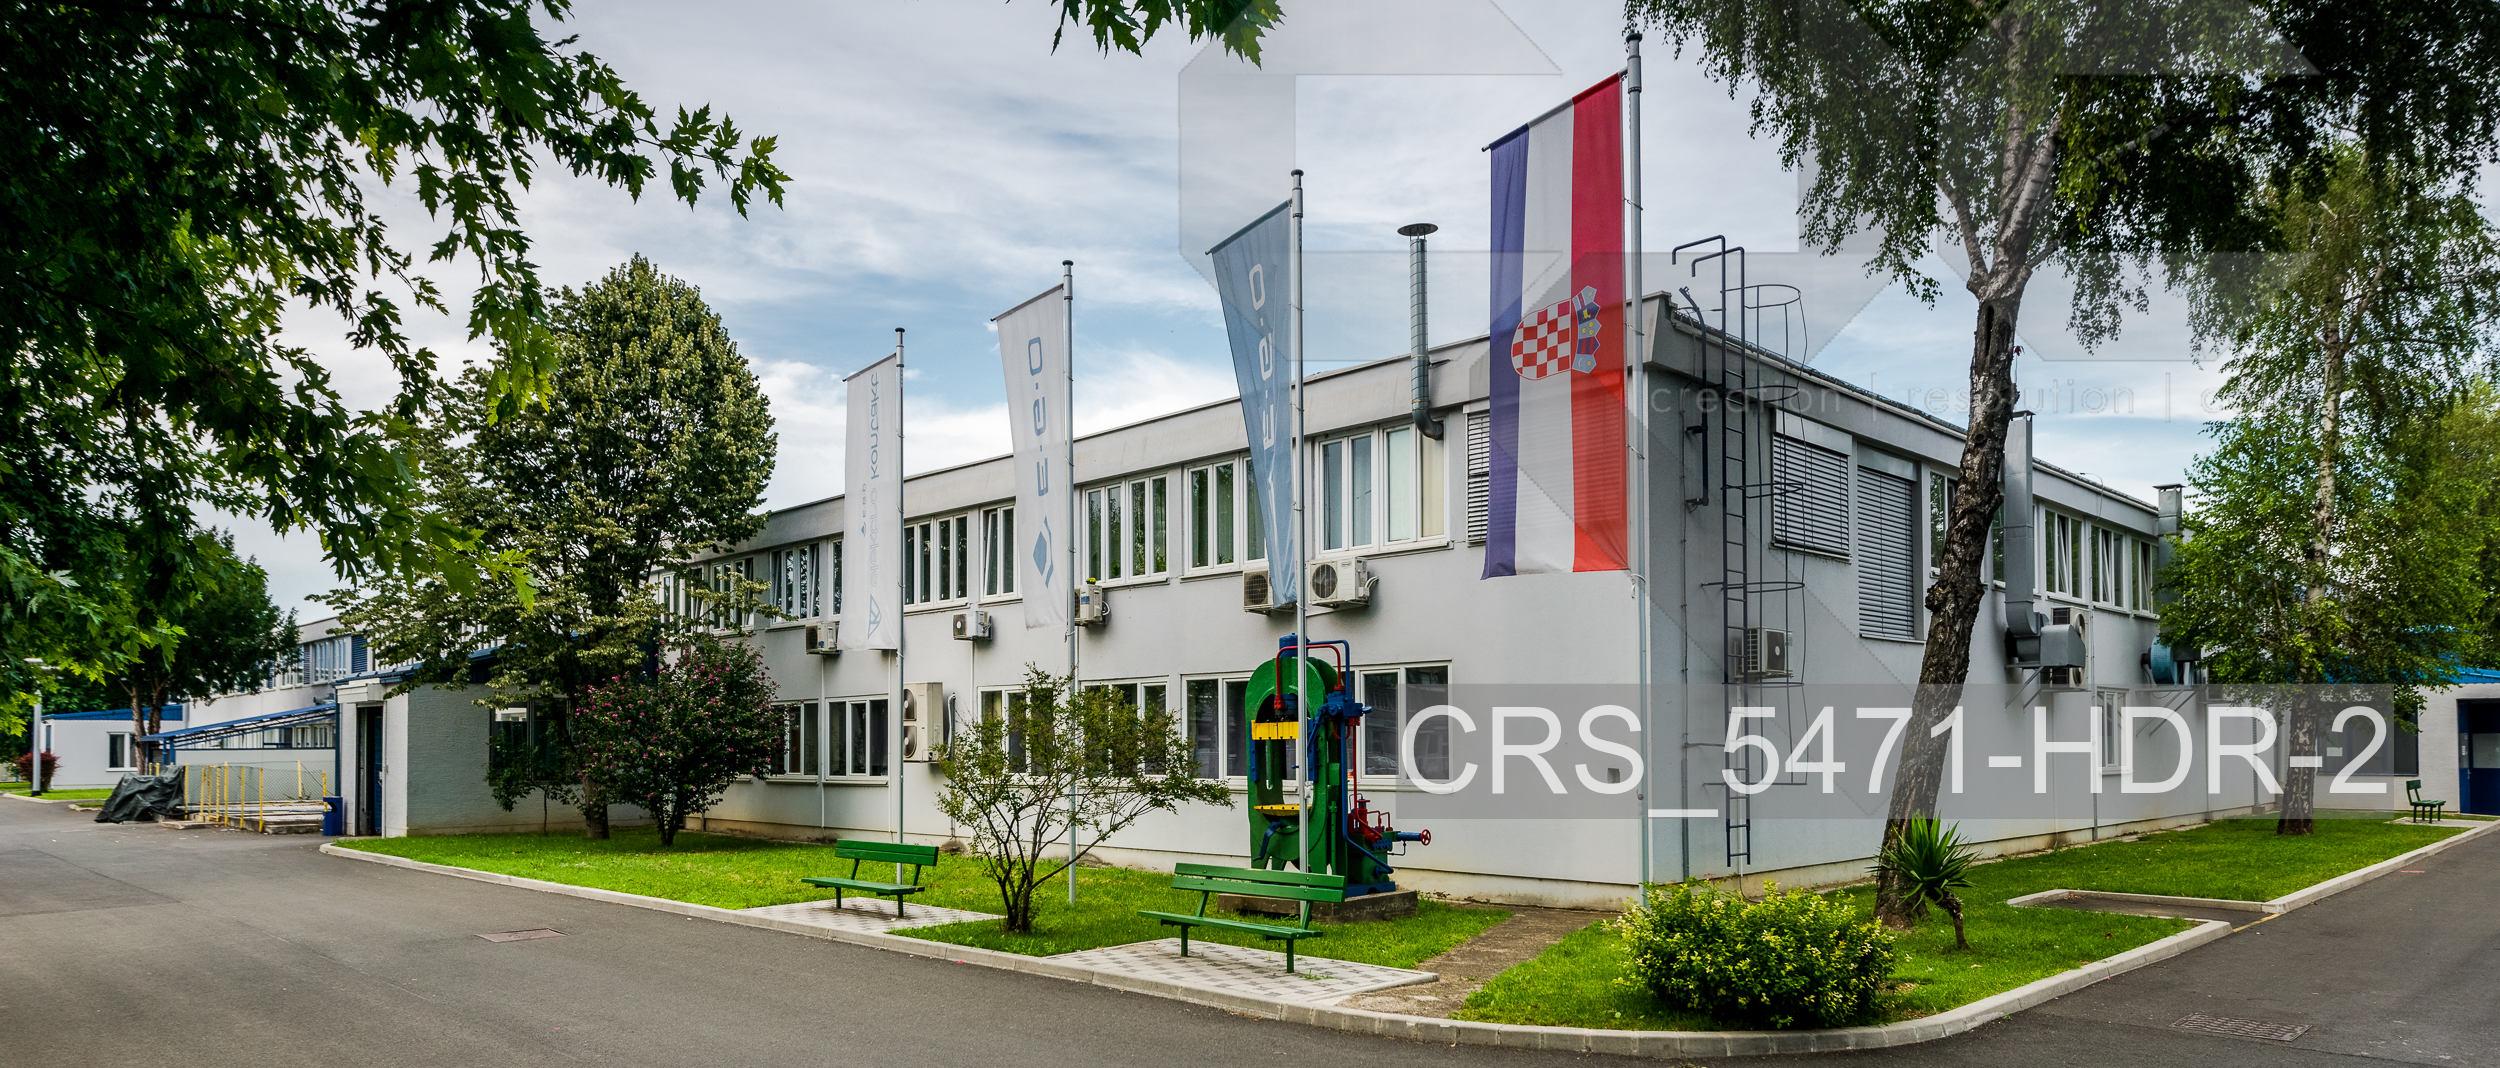 CRS_5471-HDR-2.jpg